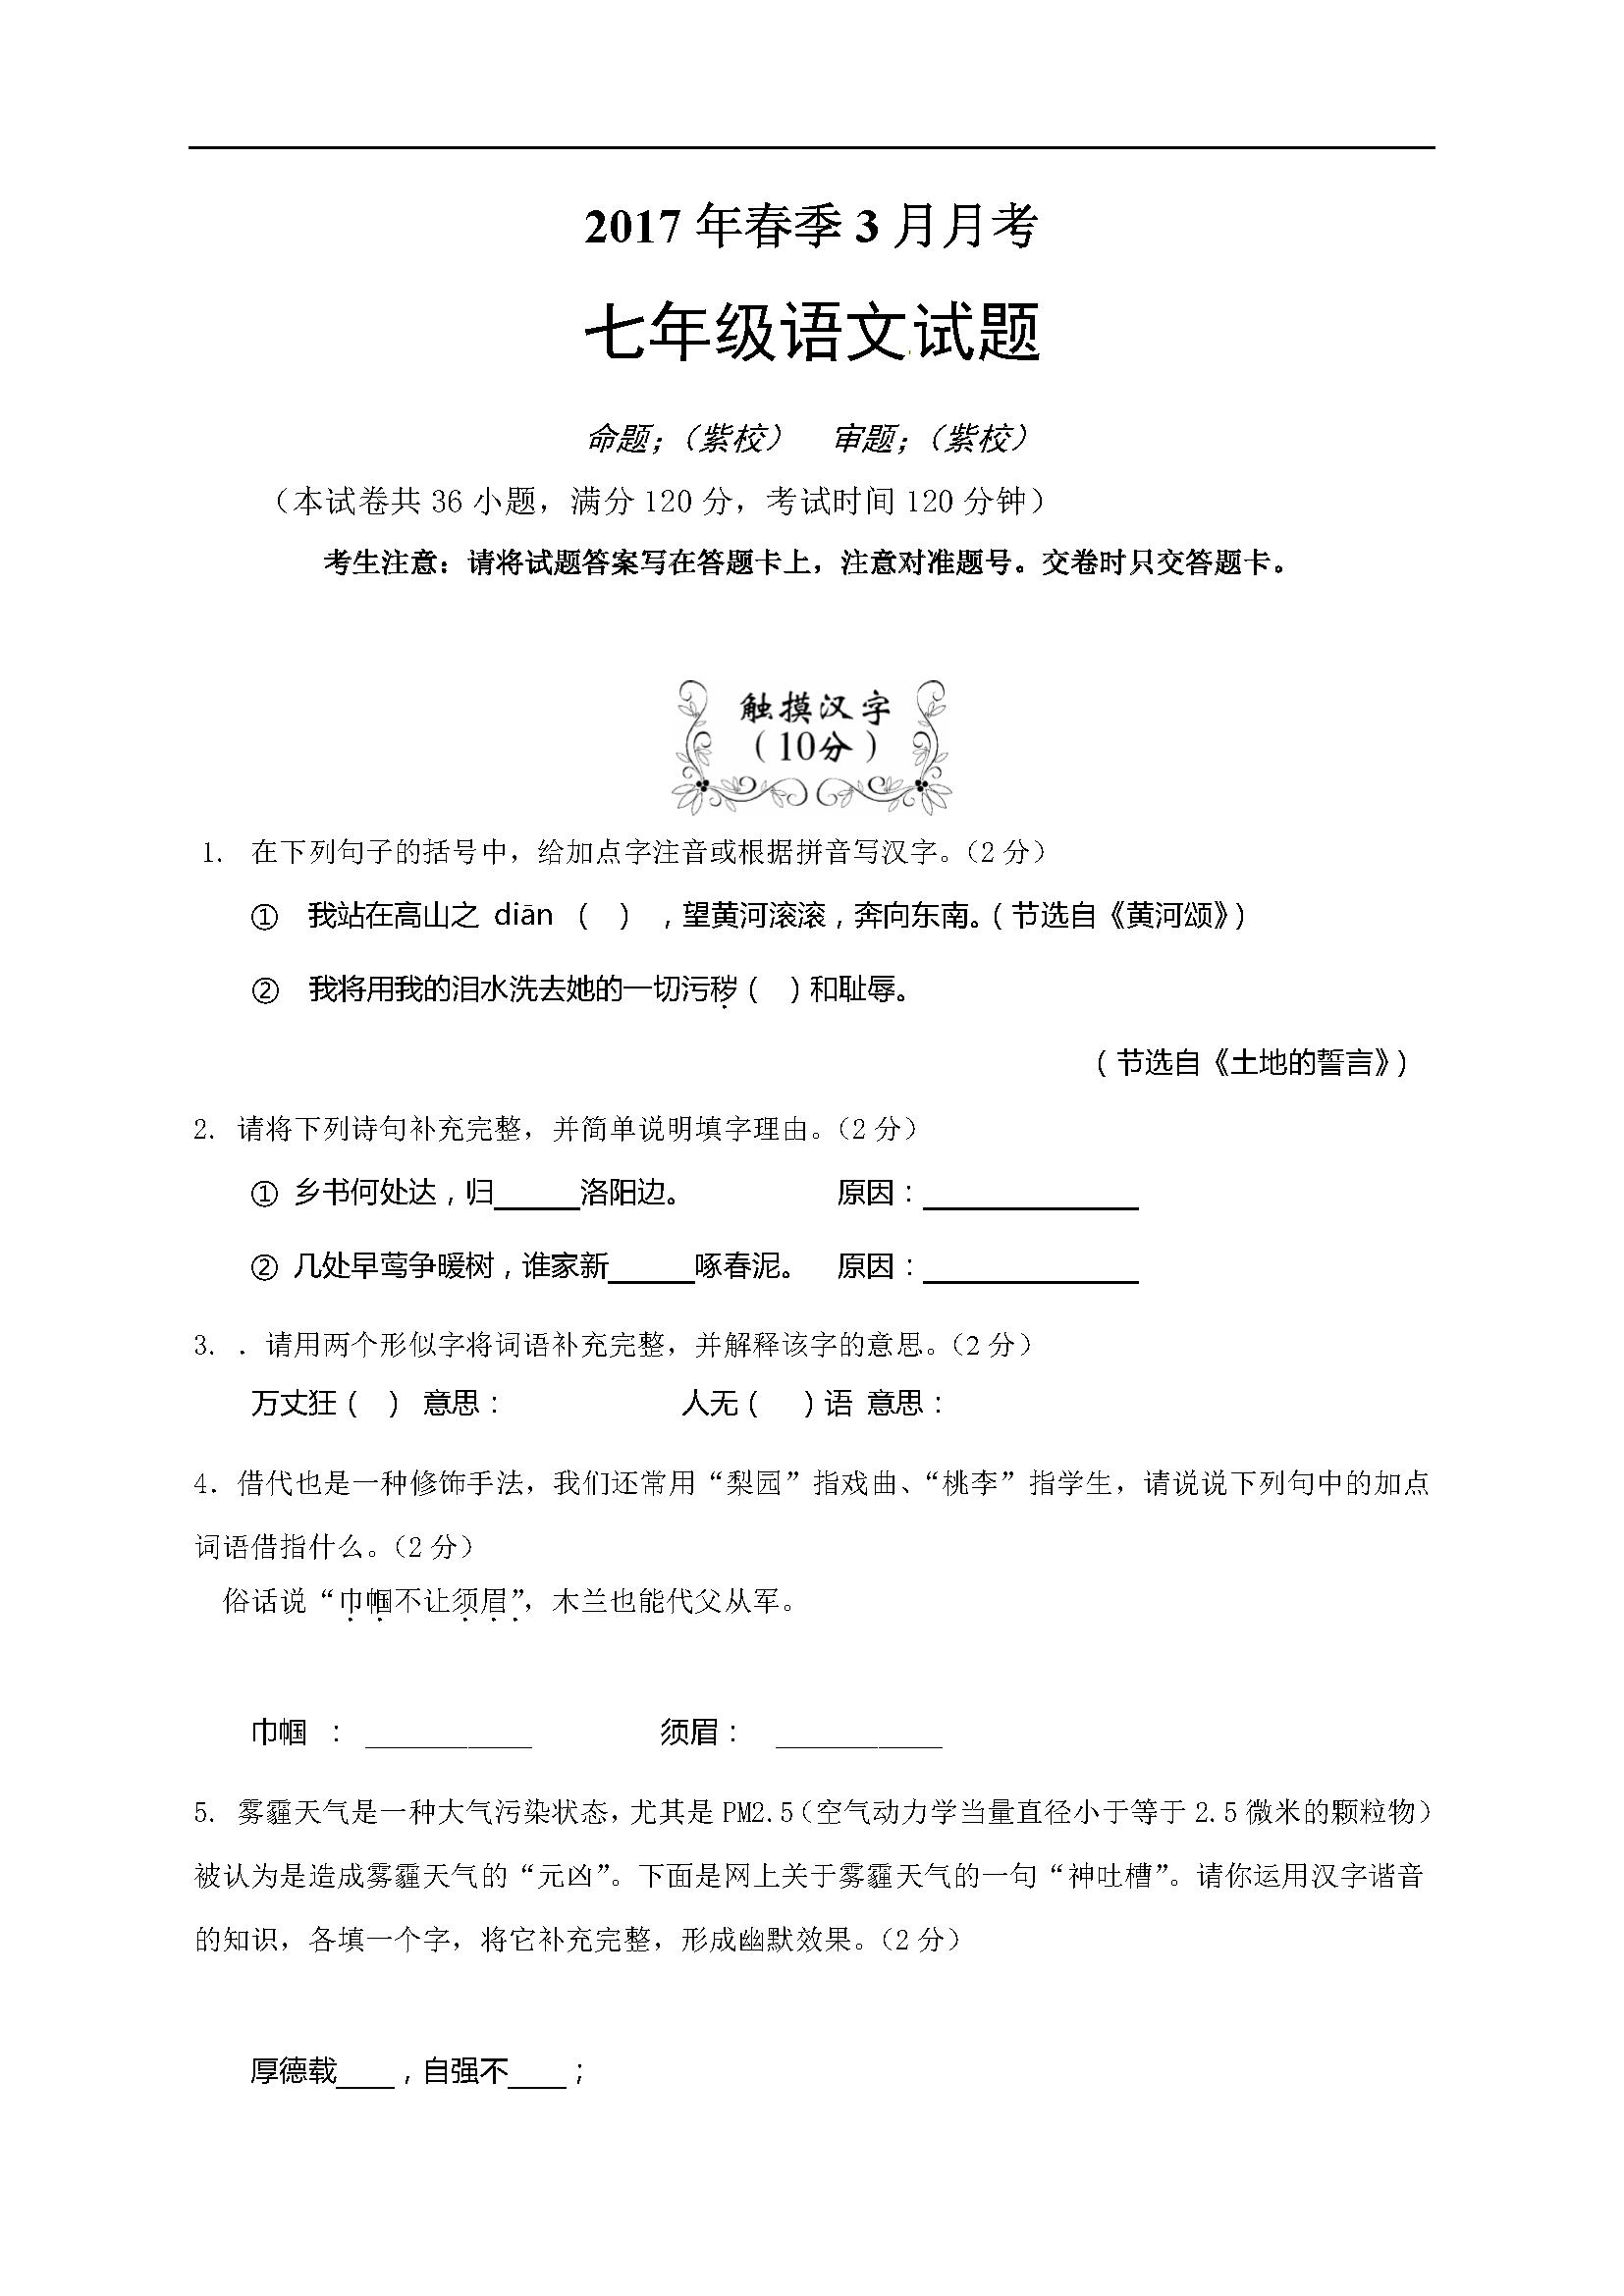 2017湖北枝江七年级3月联考语文试题(Word版)